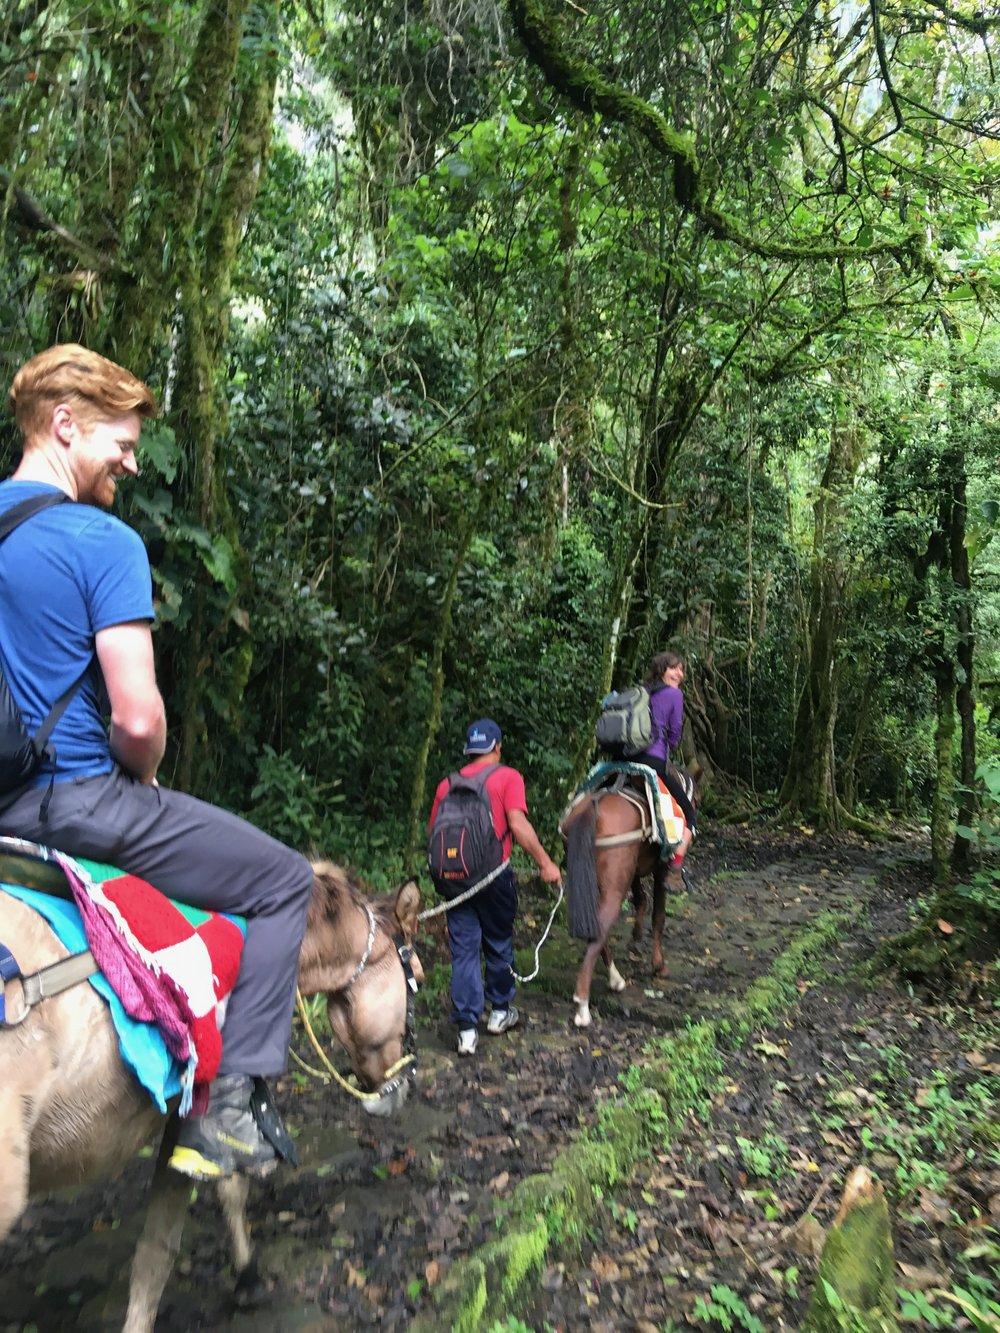 Riding horses to Gocta Falls.